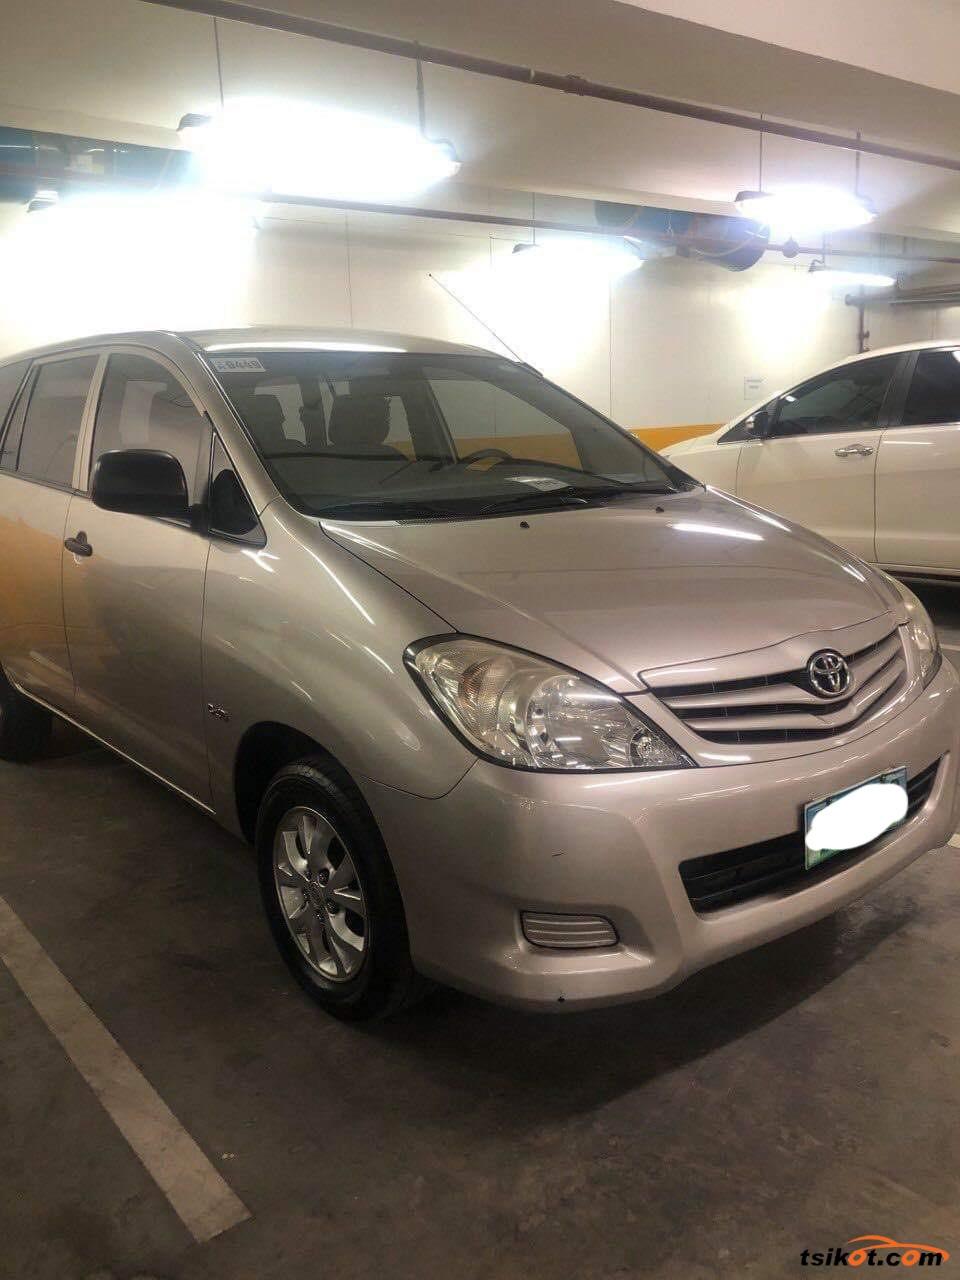 Kelebihan Kekurangan Toyota Innova 2012 Review